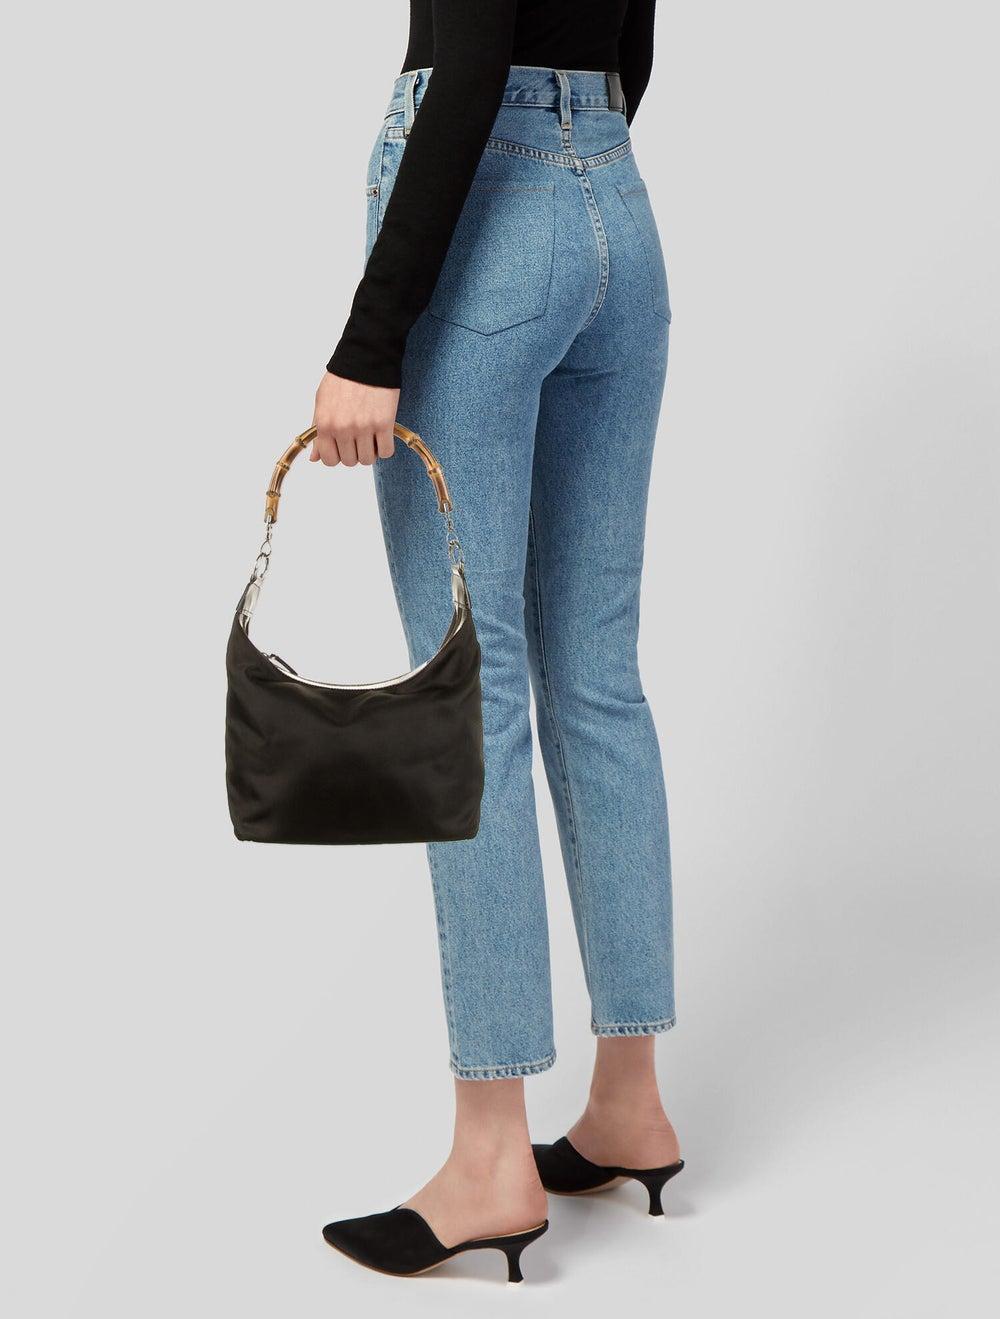 Gucci Vintage Bamboo Nylon Shoulder Bag Brown - image 2